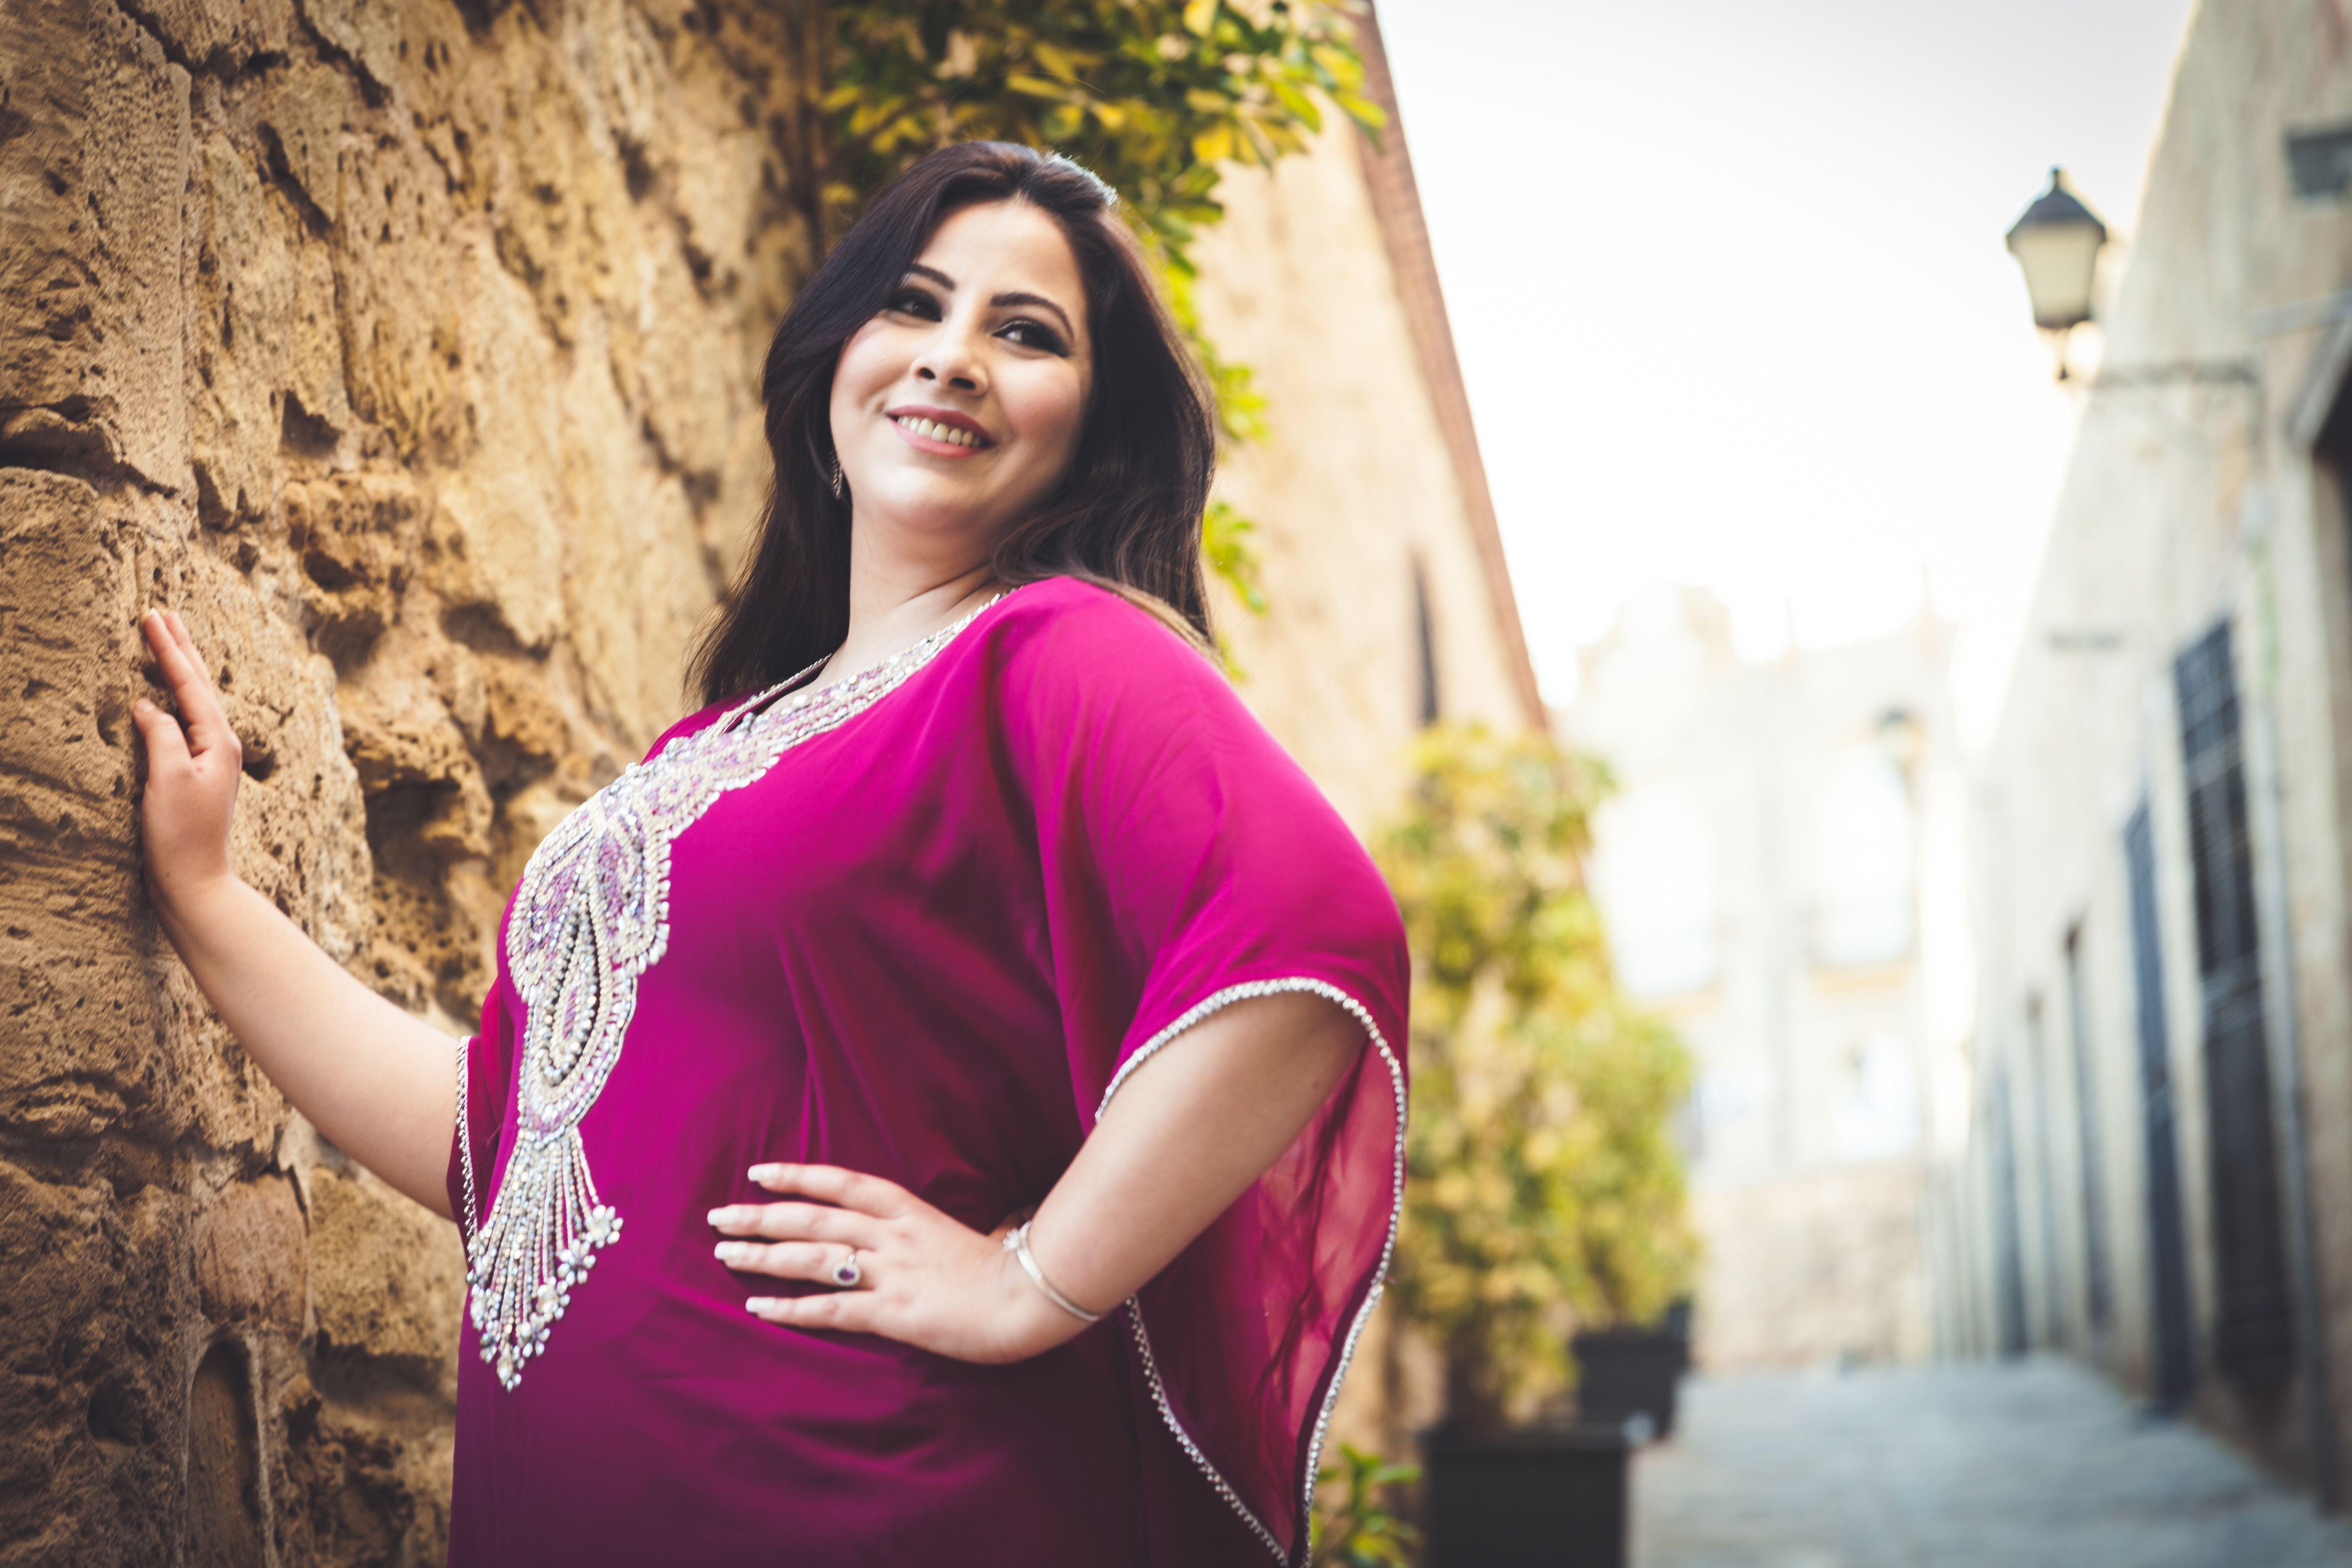 Reportaje de Husna el 12MAY17 Melilla